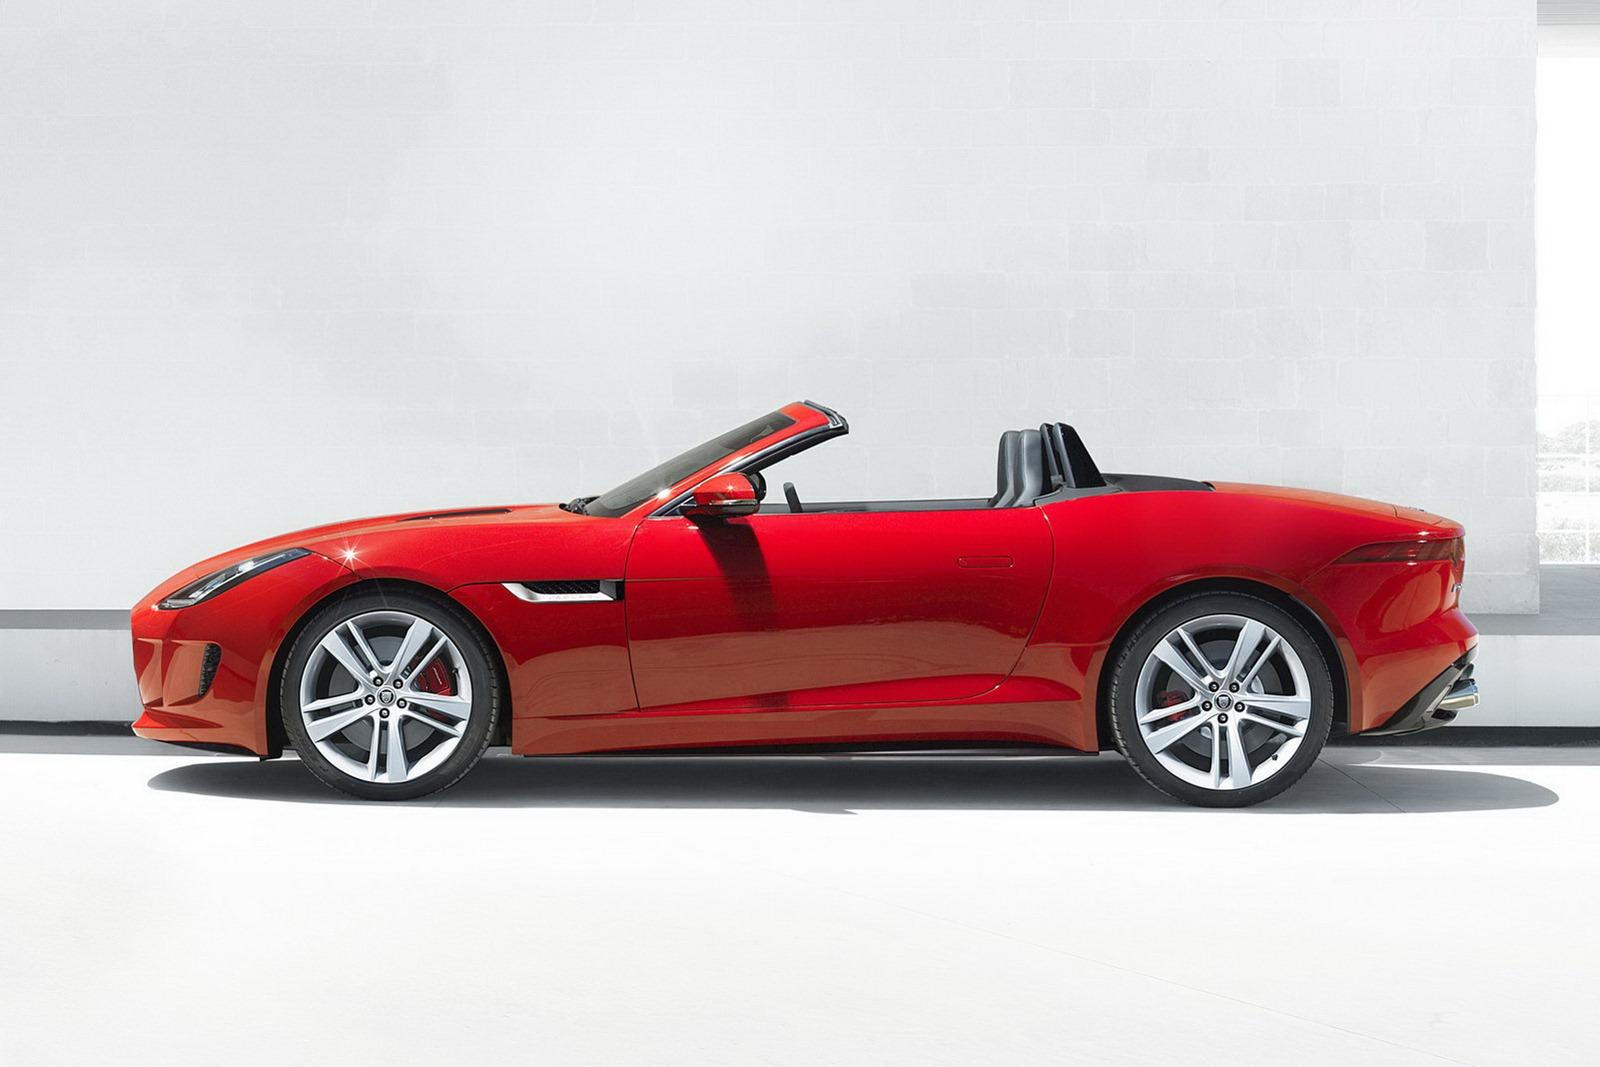 new 2013 jaguar f type roadster price starts at 69 000 autotribute. Black Bedroom Furniture Sets. Home Design Ideas